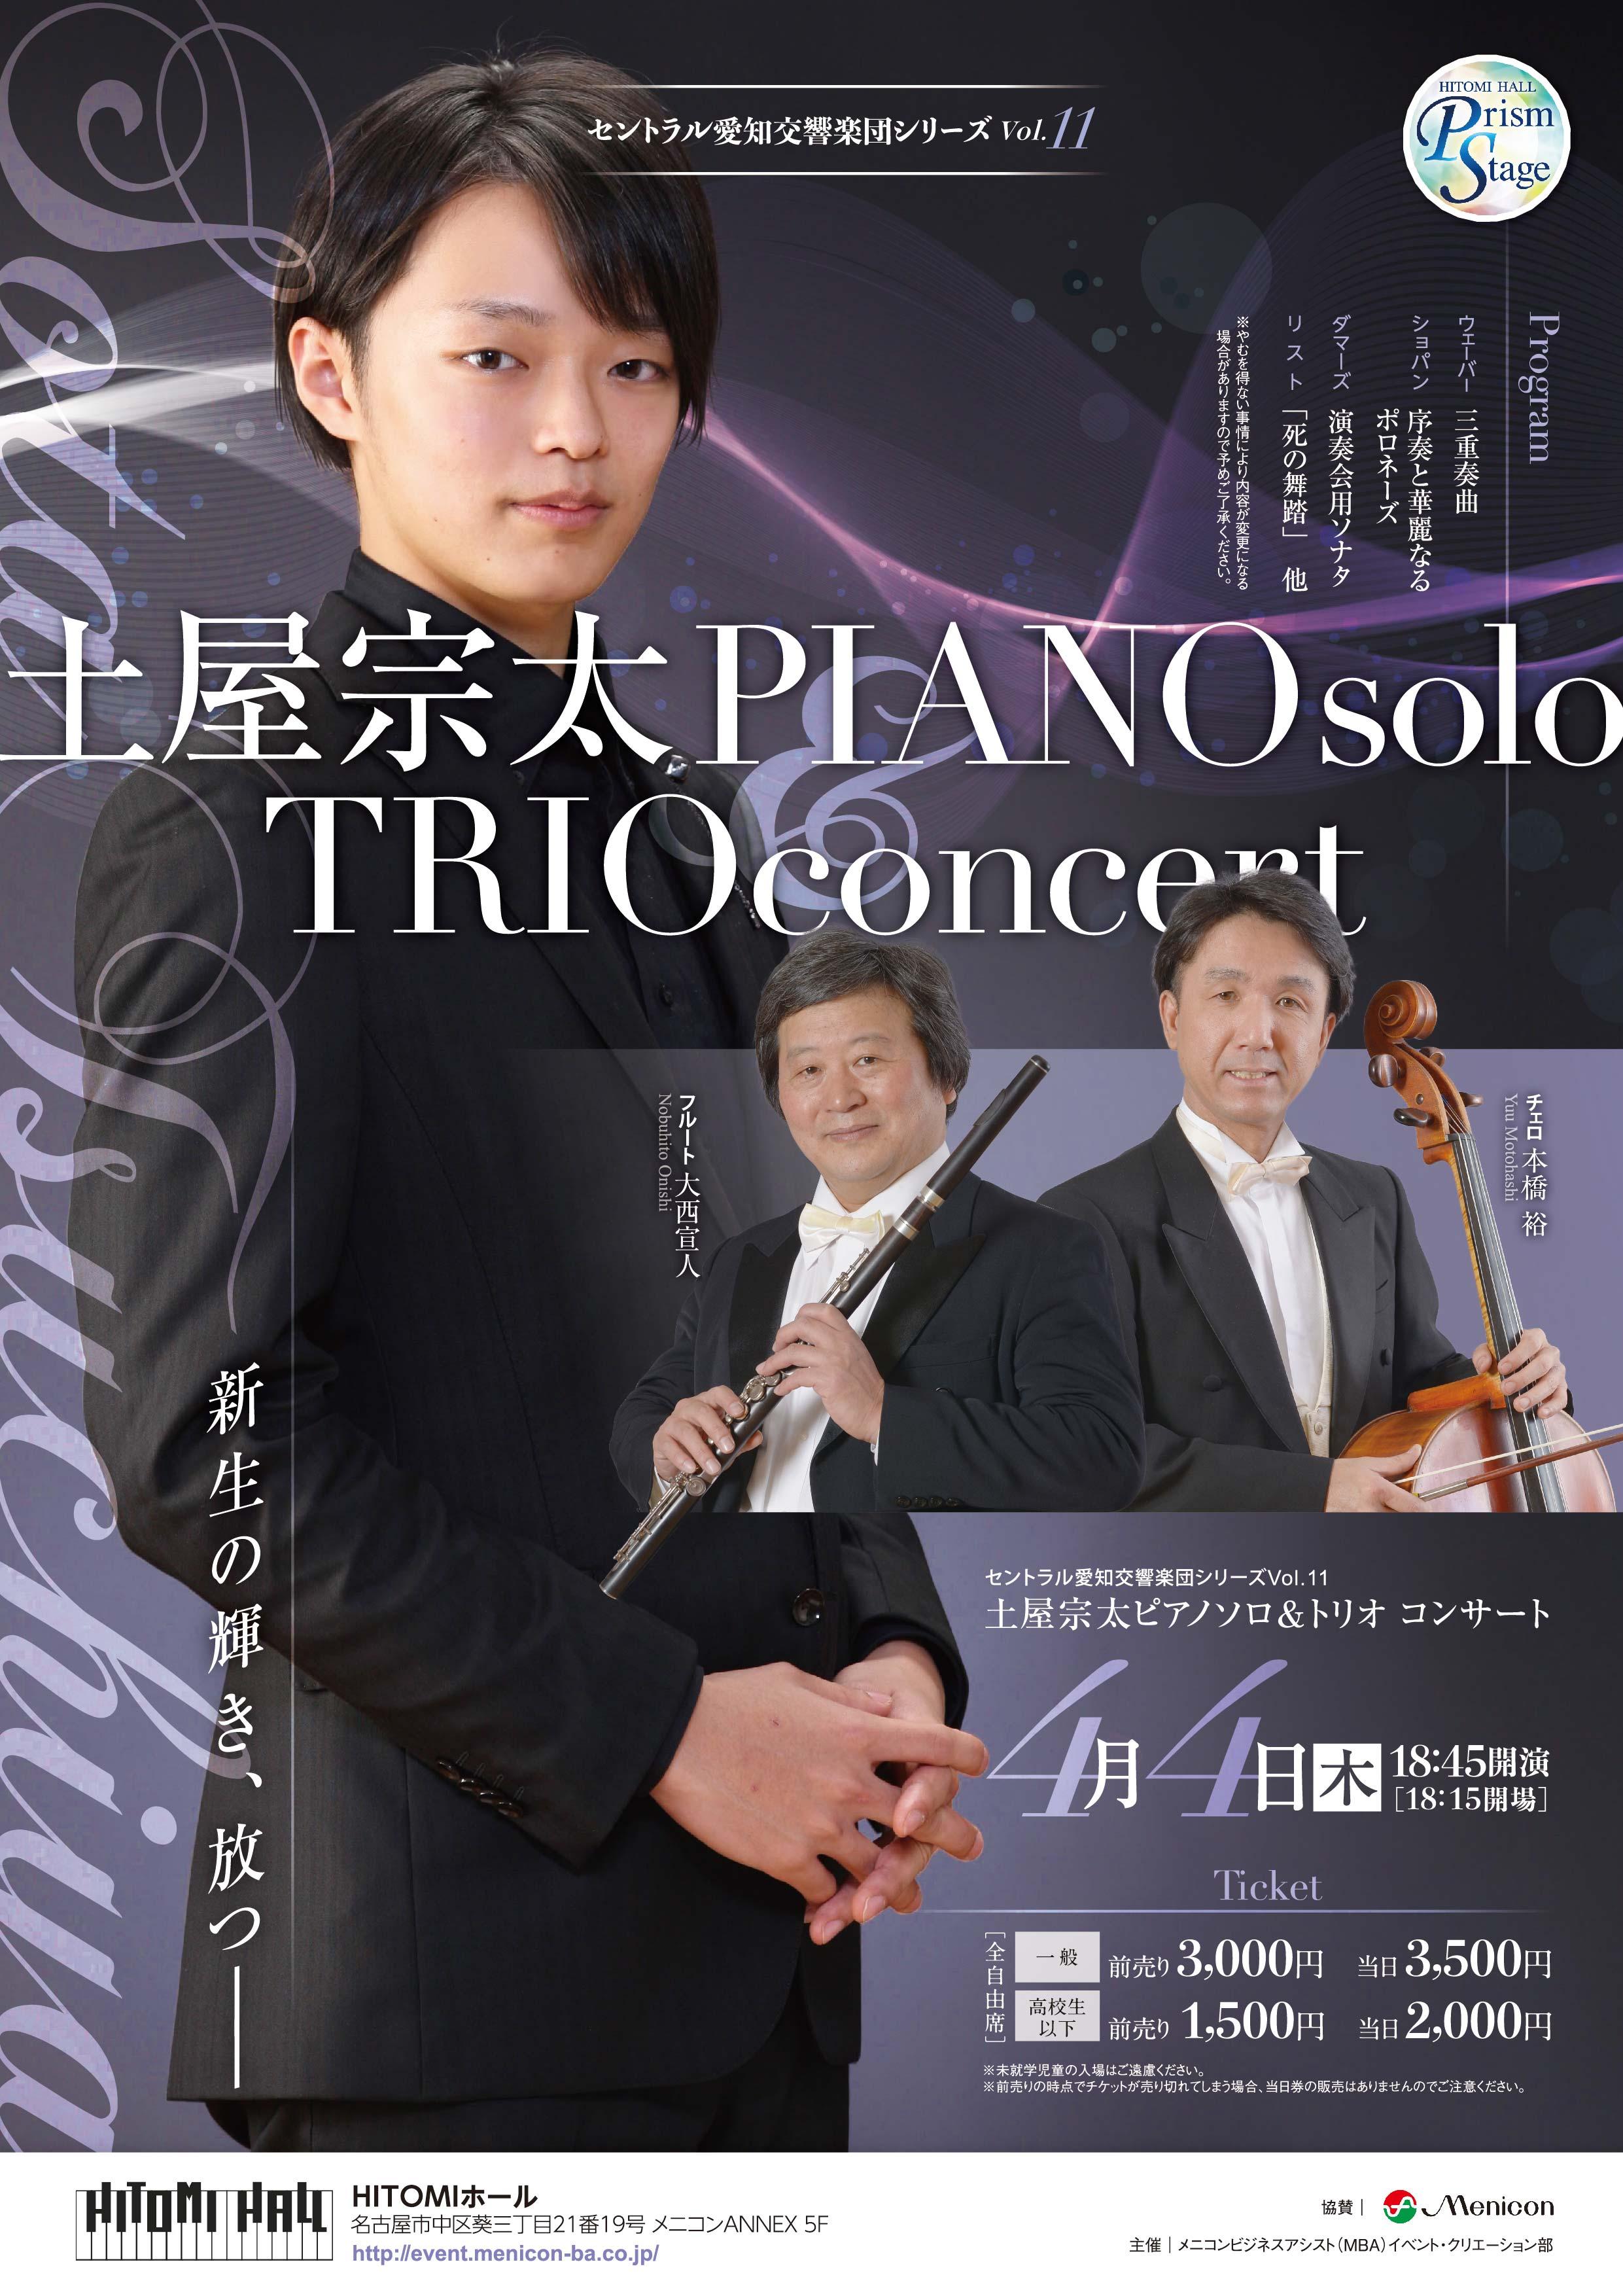 HITOMIホールプリズムステージ セントラル愛知交響楽団シリーズVol.11 土屋宗太ピアノソロ トリオ コンサート